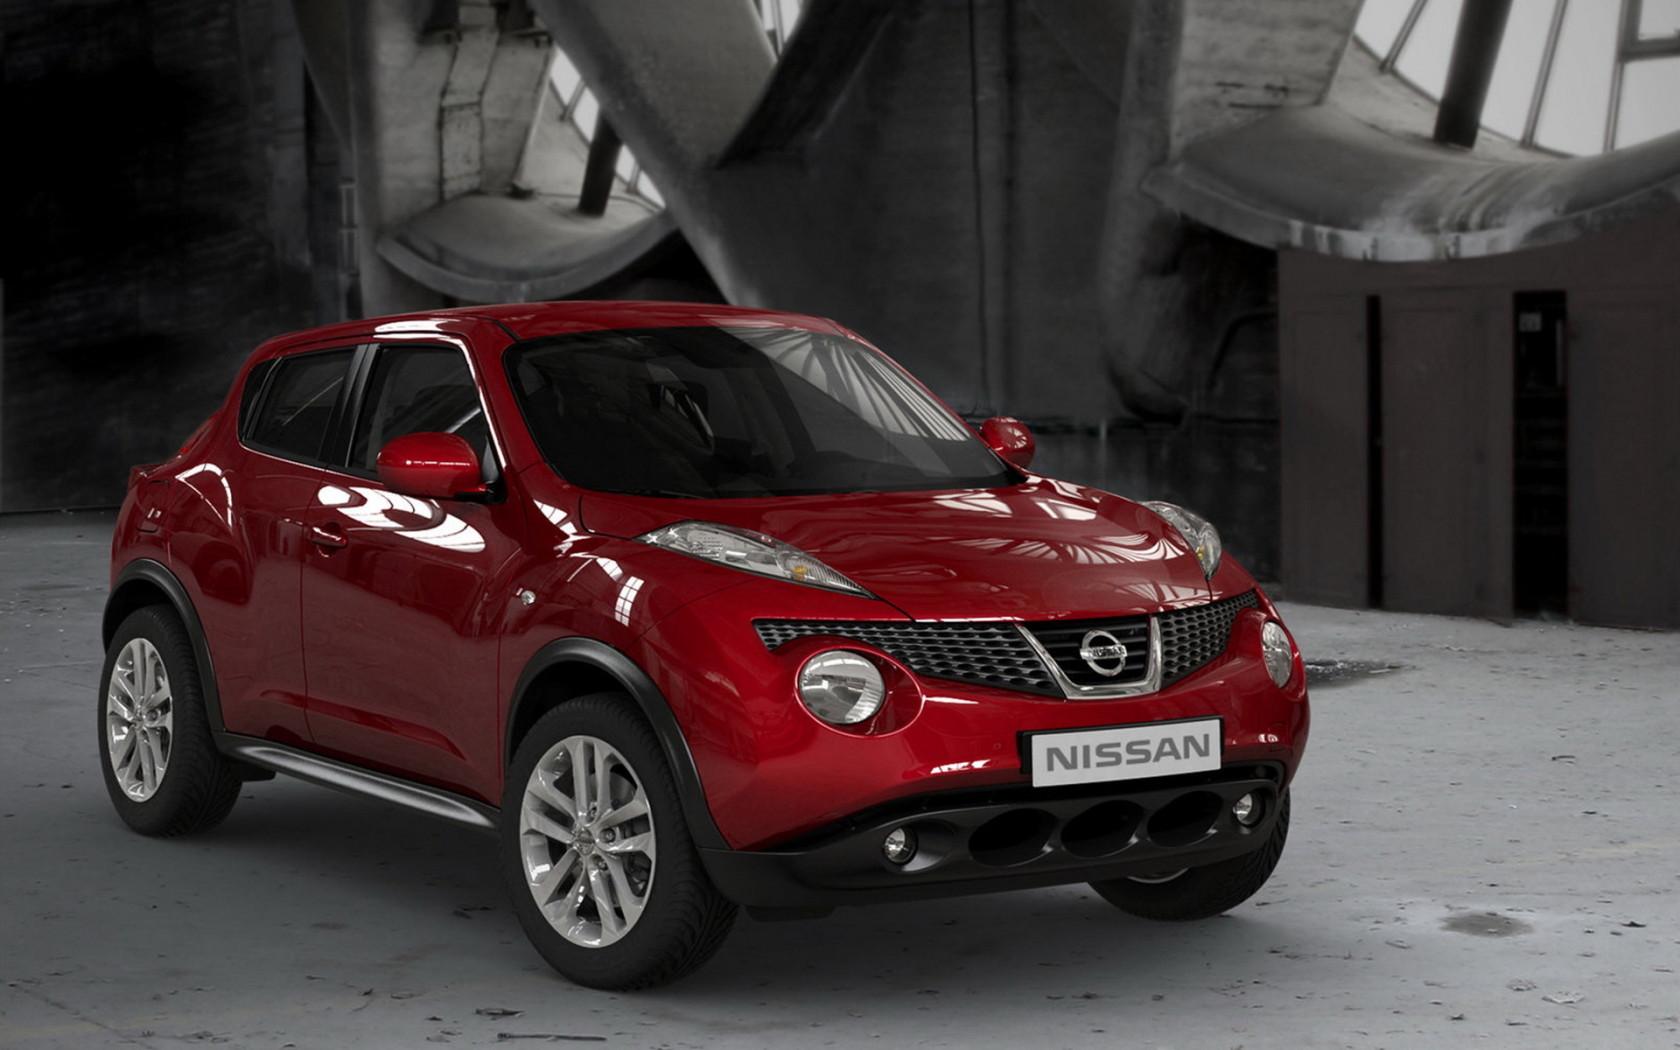 Nissan - Nissan Juke in